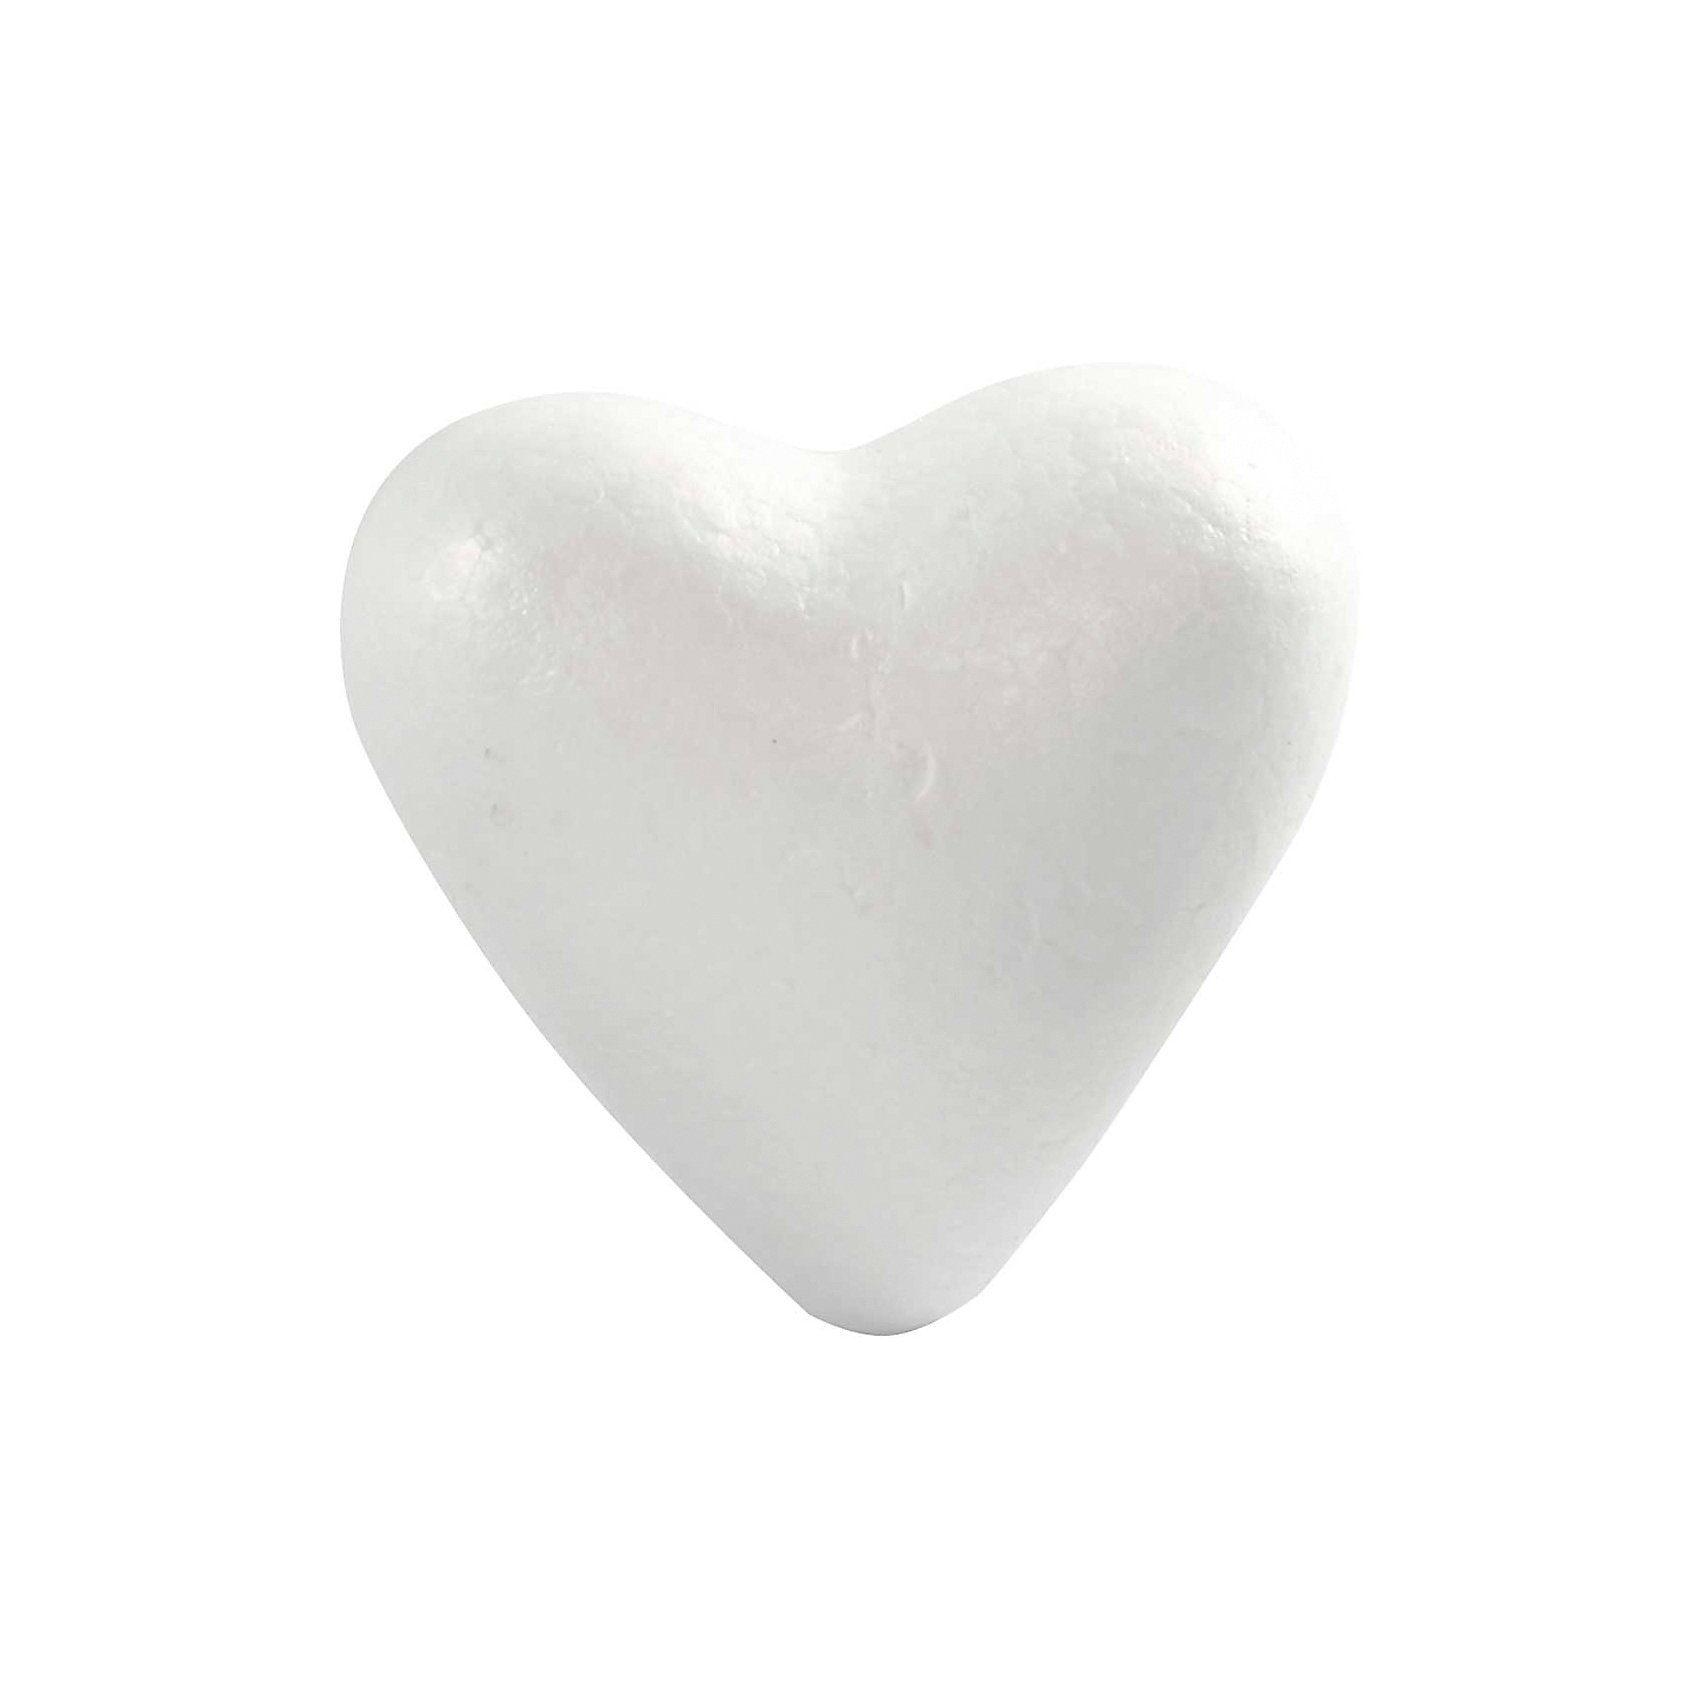 Styropor-Herz weiß, H 11 cm, 25 Stück